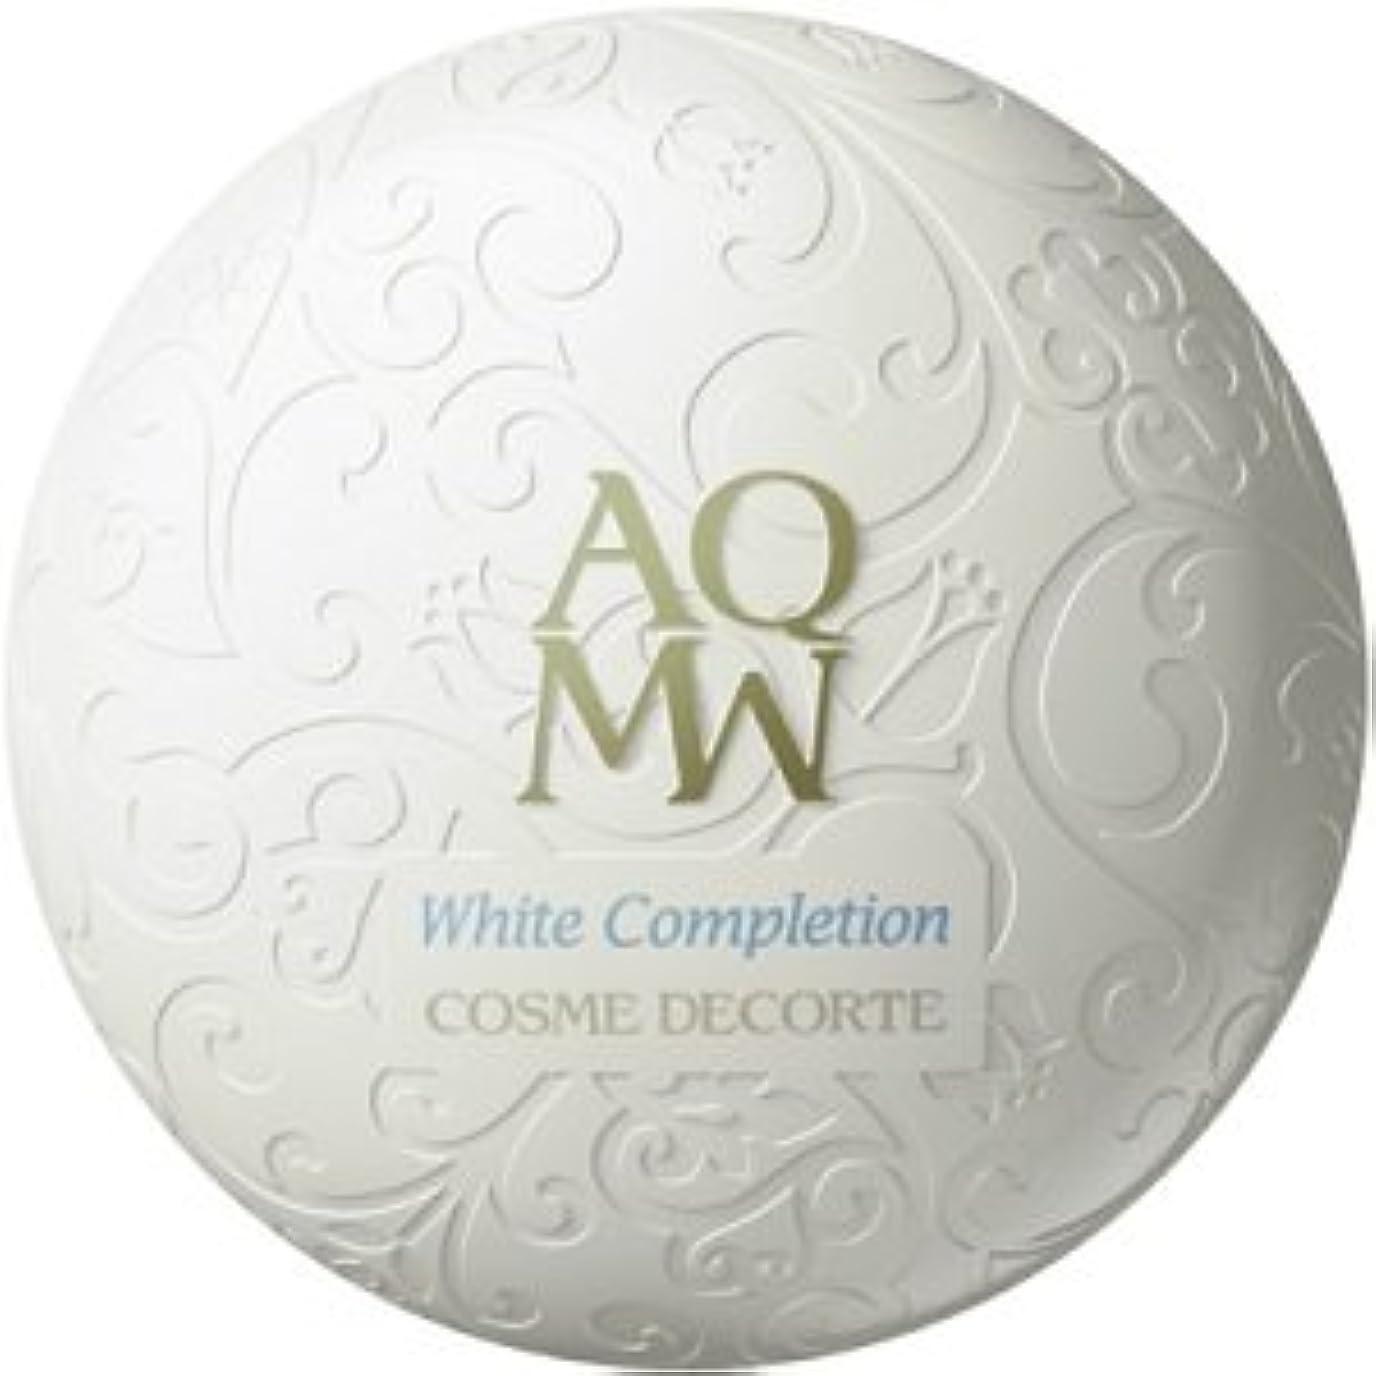 ひどく積分予見するコスメデコルテ AQMW ホワイトコンプリーション 25g